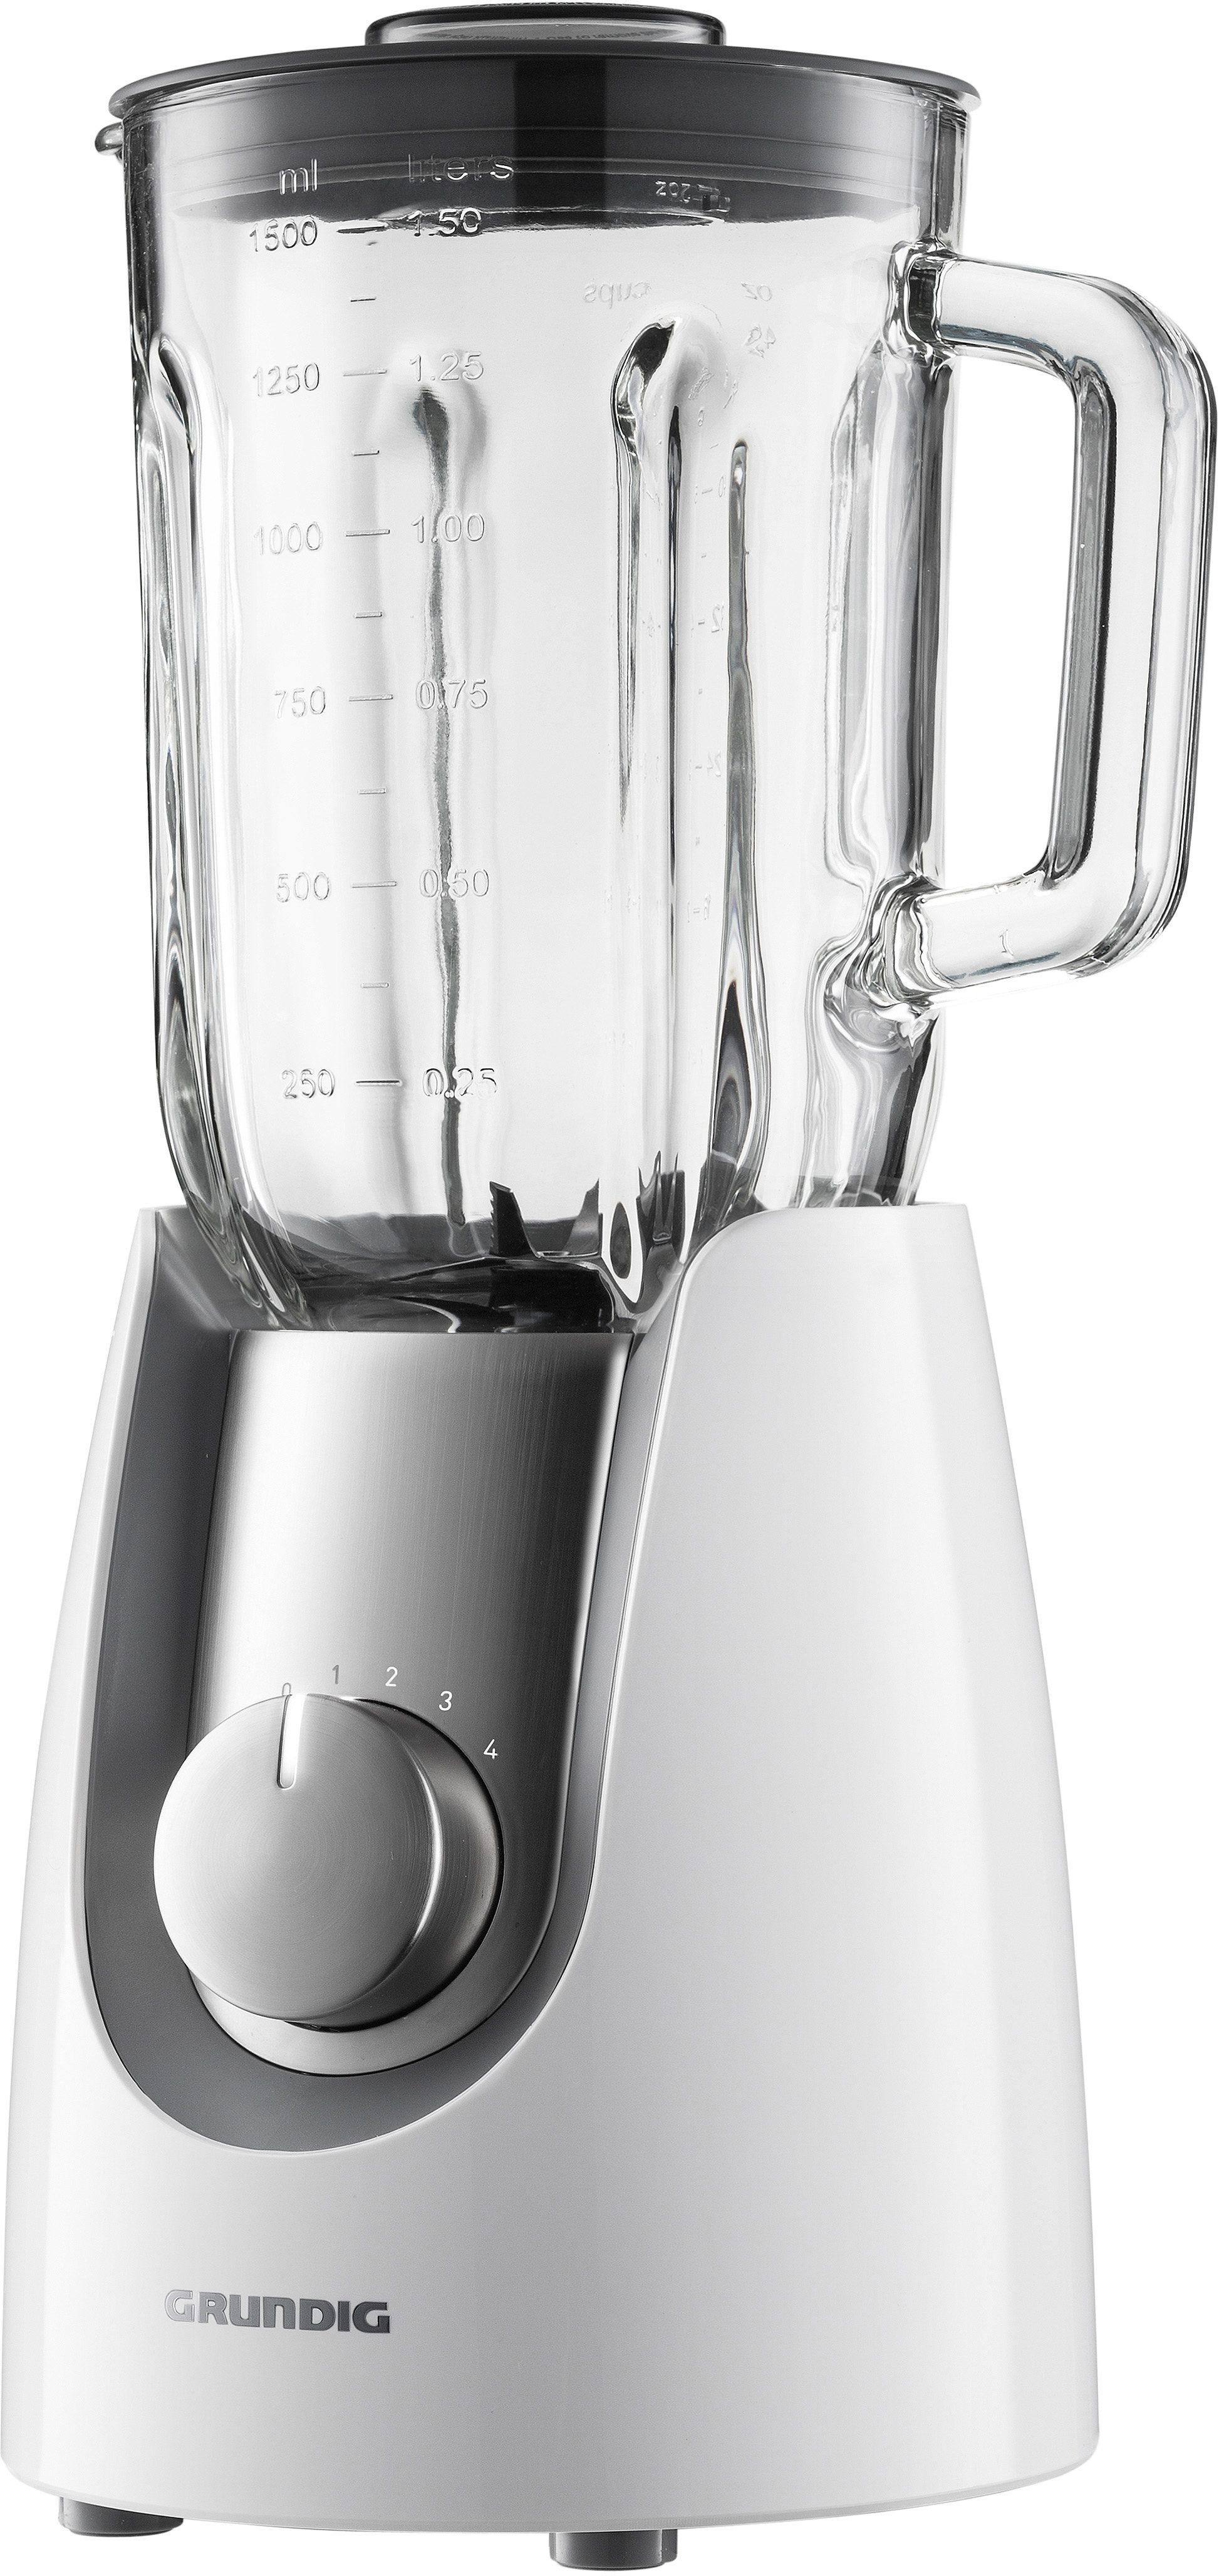 Grundig Premium Standmixer SM 7280 w »WHITE SENSE«, 600 Watt, 4 Stufen, Weiß-Edelstahl